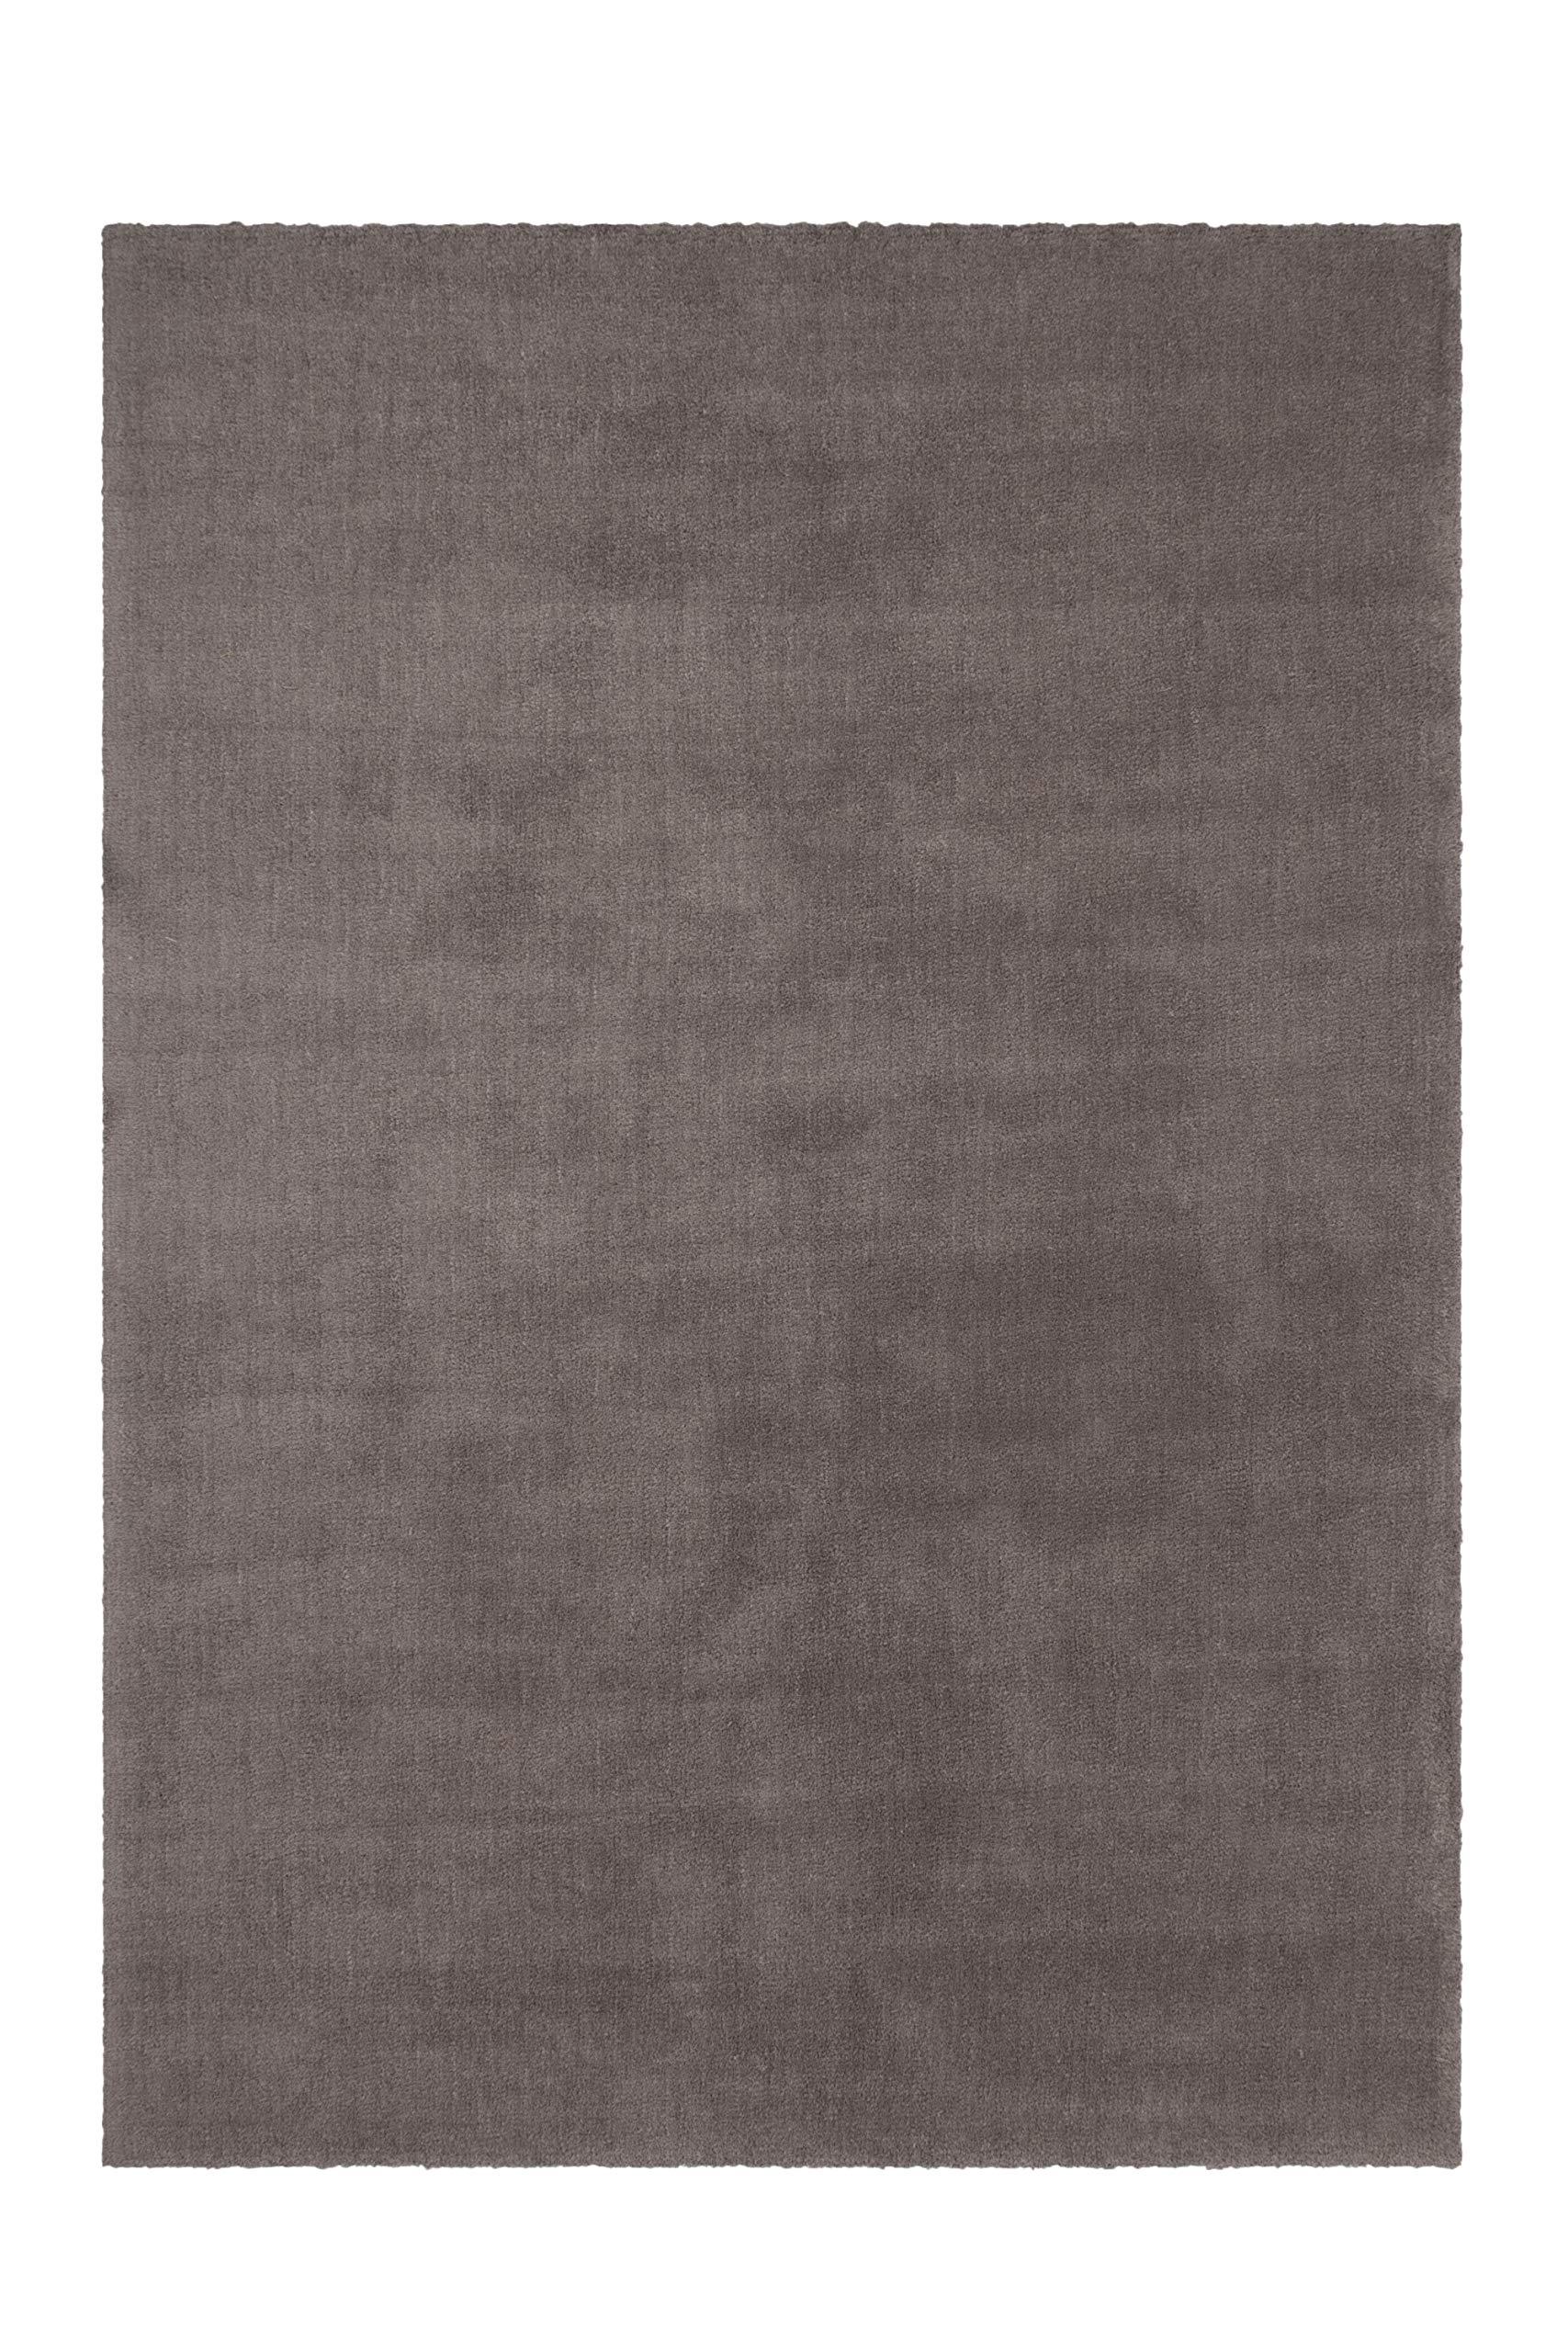 andiamo Milo Alfombra Tejida a Mano 60 x 160 cm 100/% algod/ón f/ácil de Limpiar y Lavable Lisa